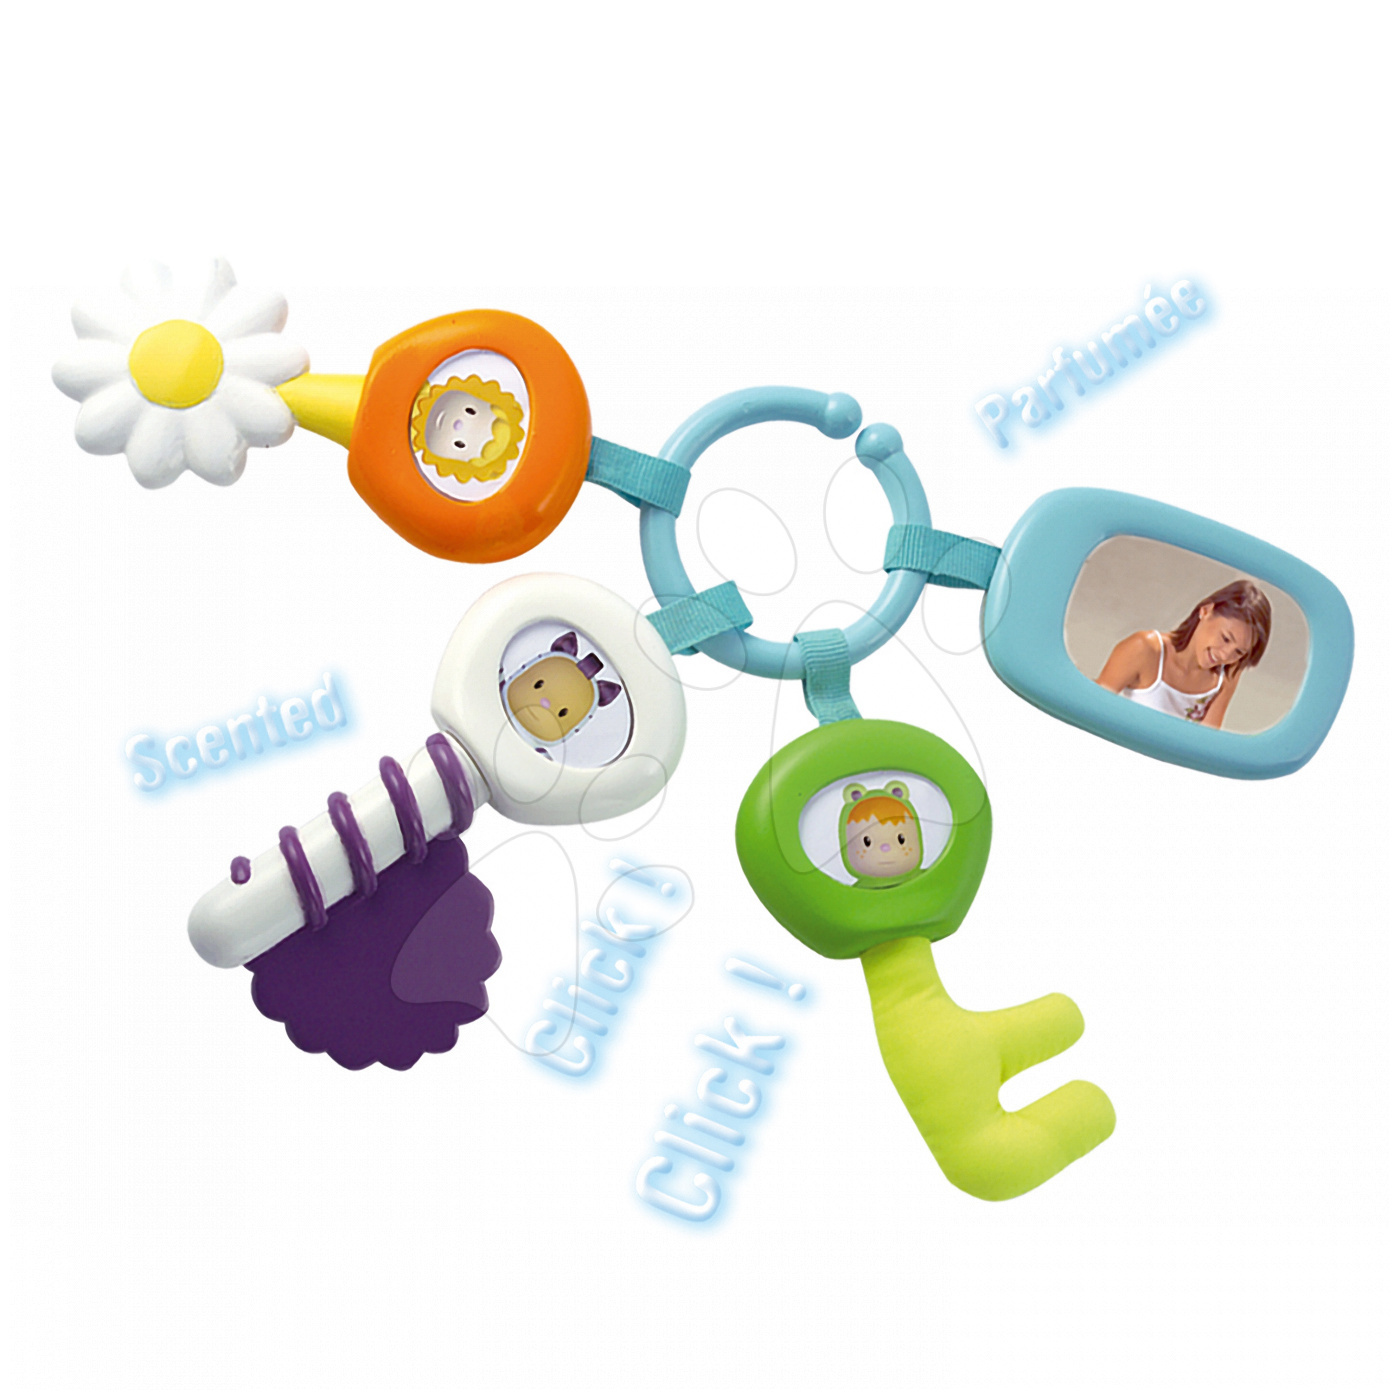 Rágóka kulcsok Cotoons Aktivity Smoby kisbabának